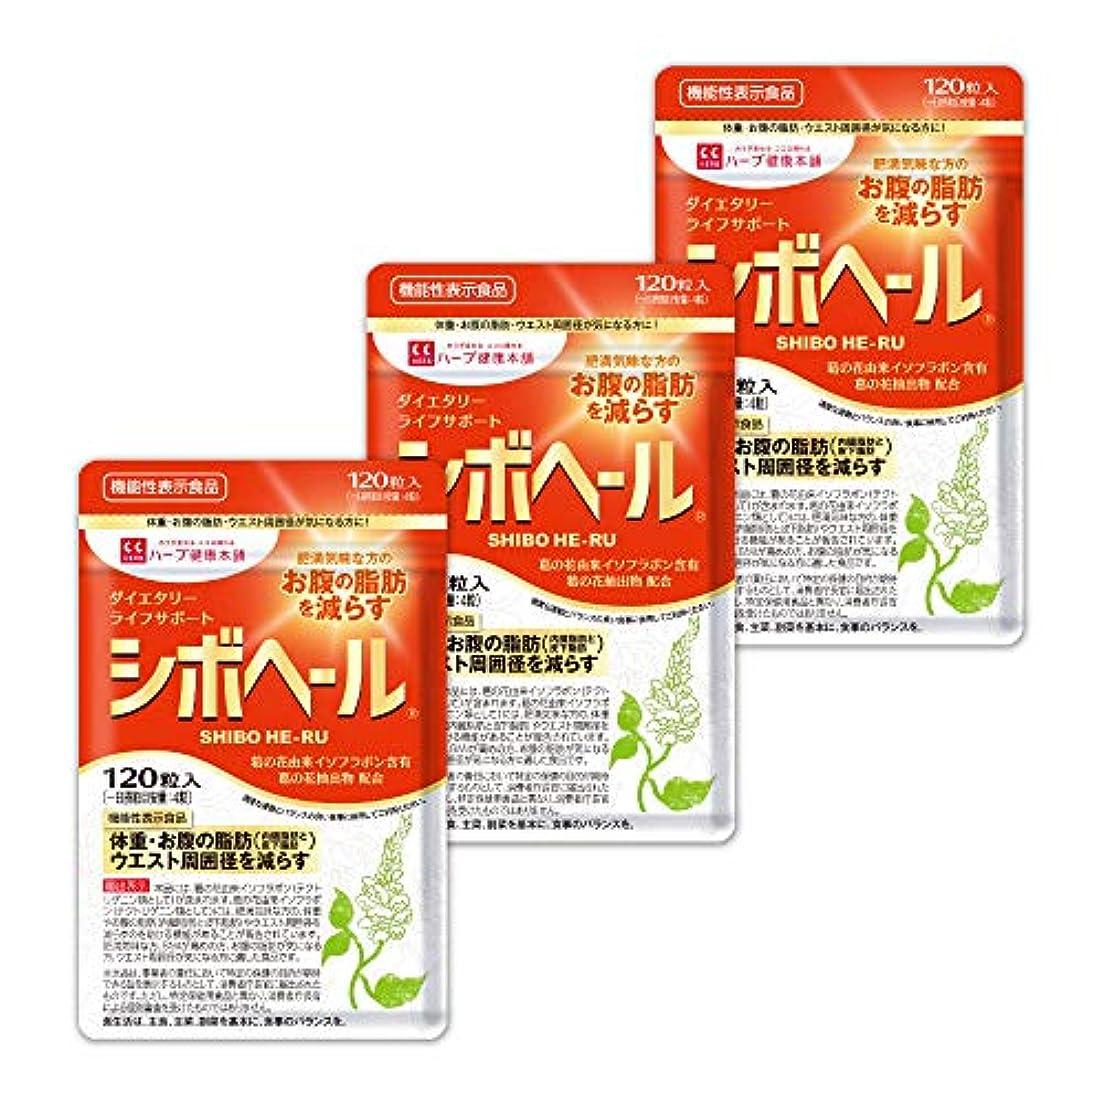 増加する温度計珍しいハーブ健康本舗 シボヘール 3袋セット[機能性表示食品]